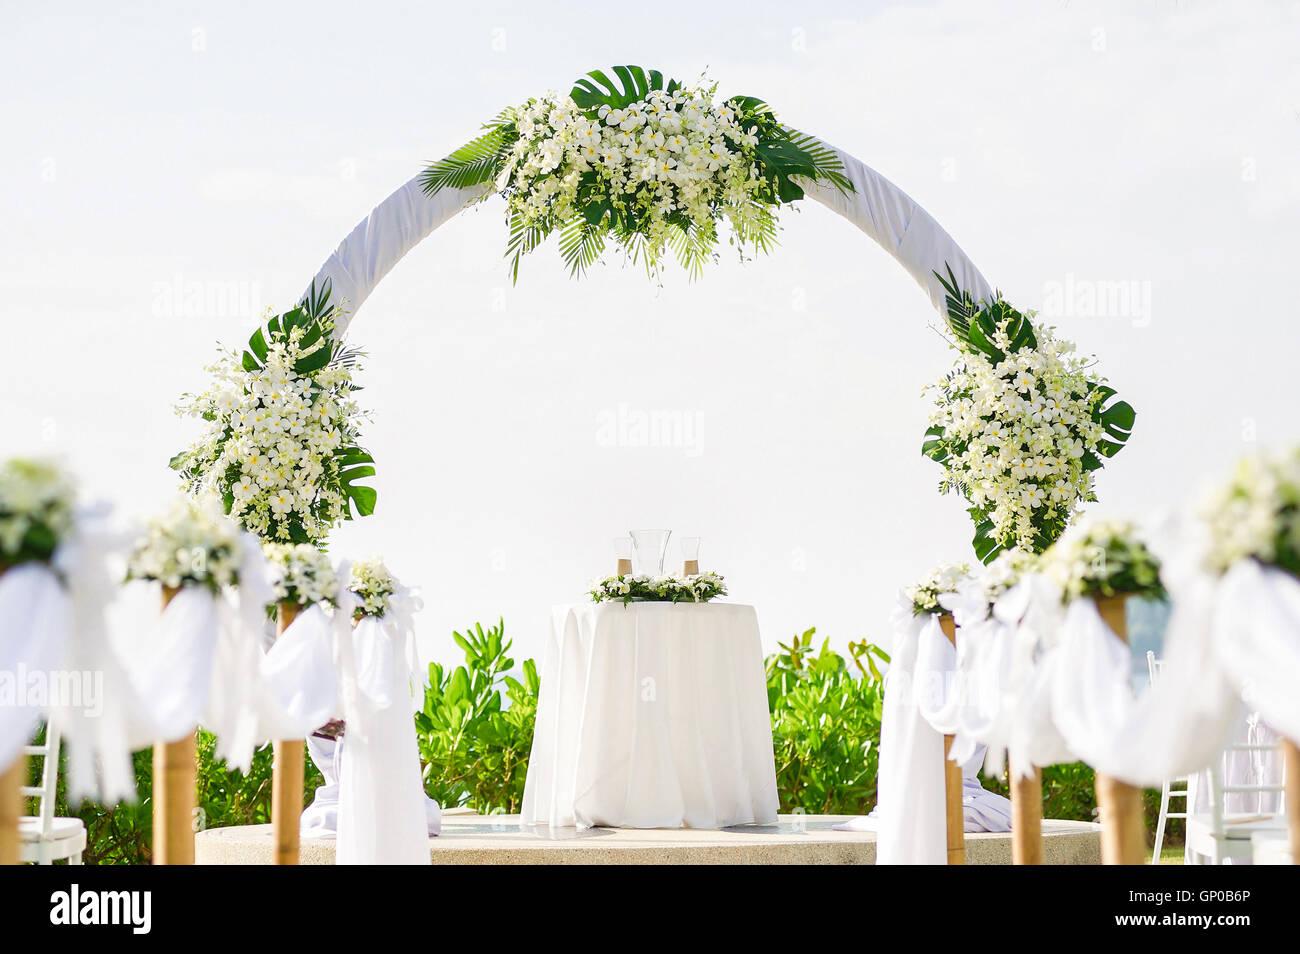 Einfachen Stil Hochzeit Bogen Und Dekoration Veranstaltungsort